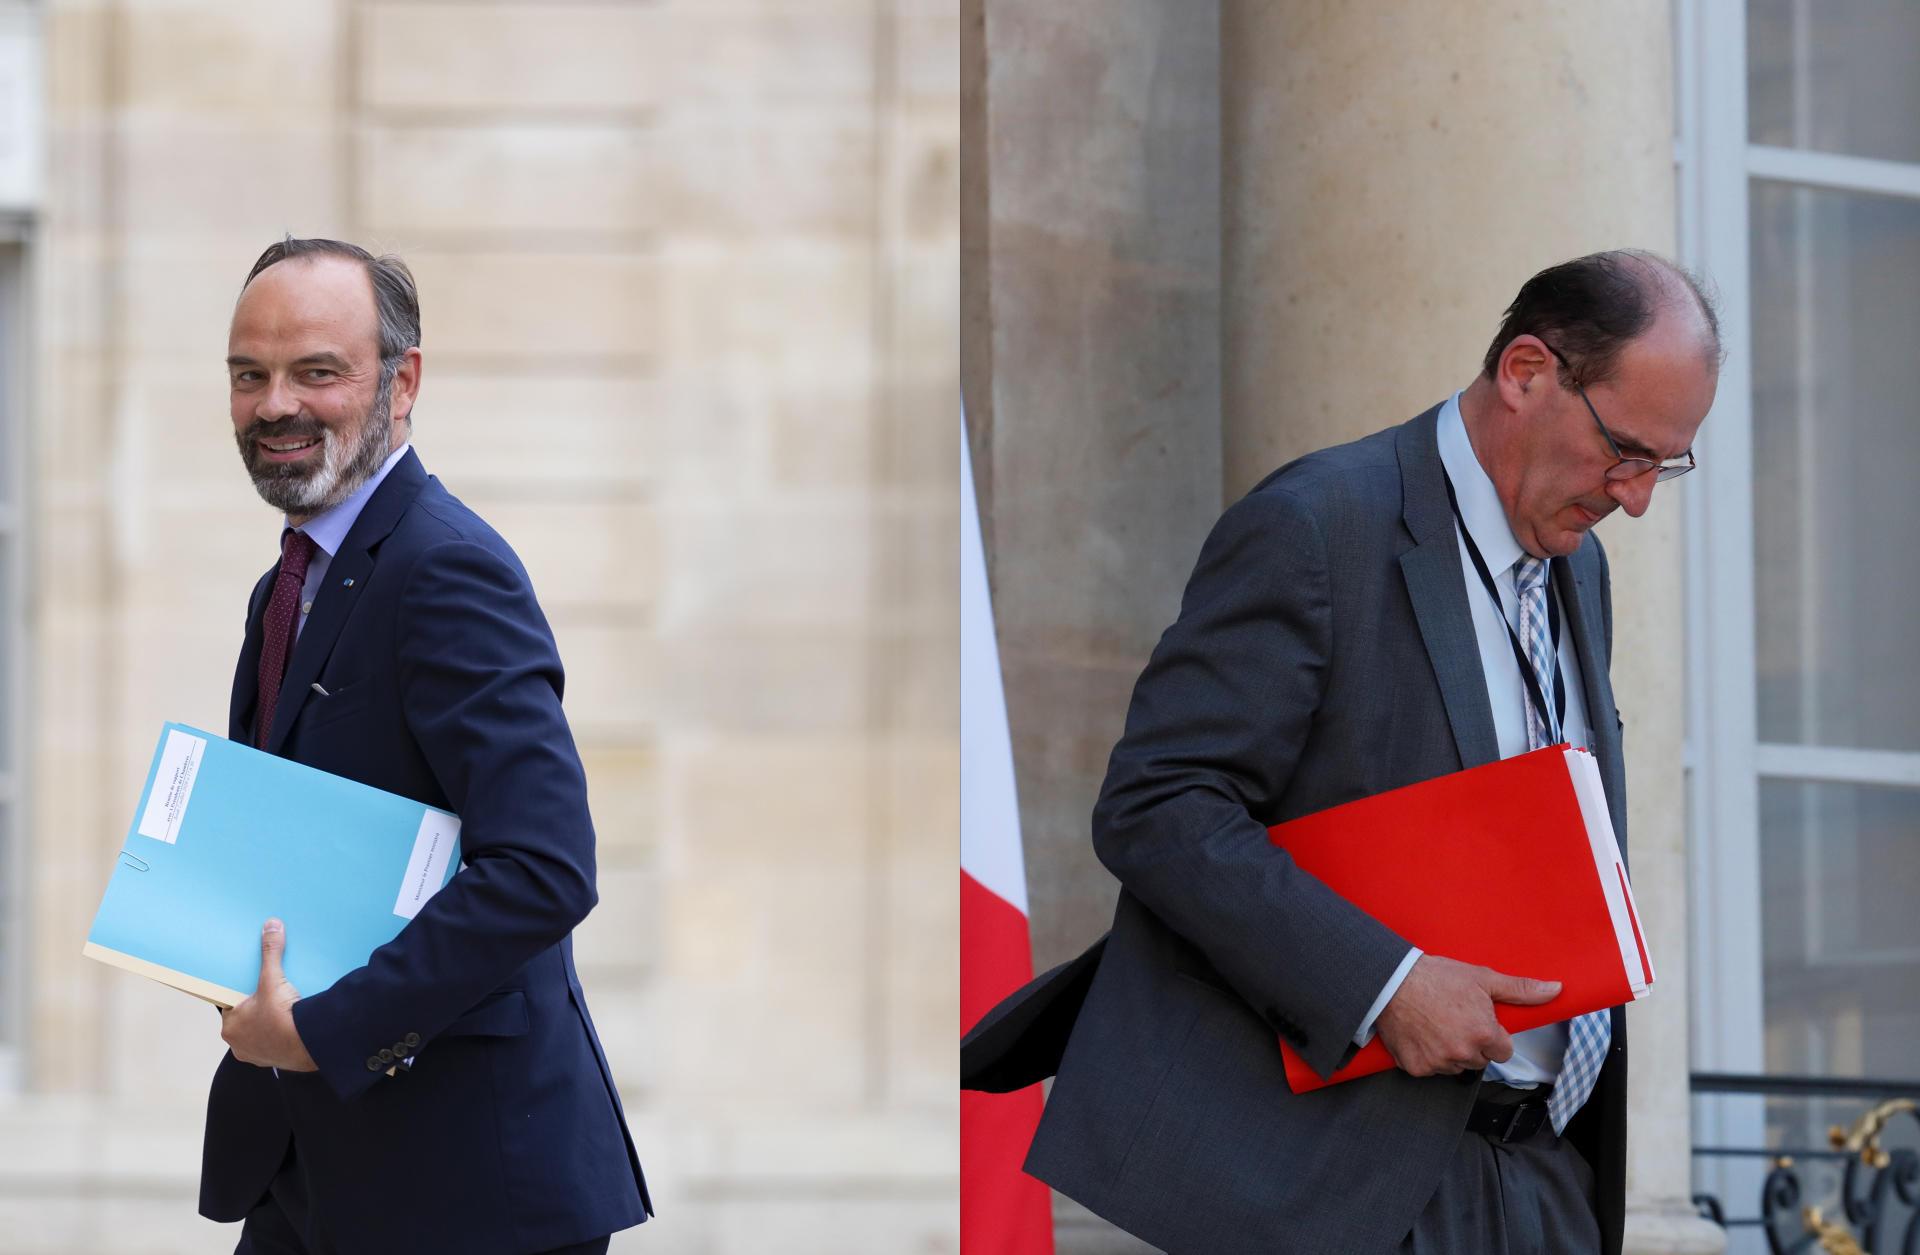 En France Le Gouvernement D Edouard Philippe Demissionne Jean Castex Est Nomme Premier Ministre Le Temps